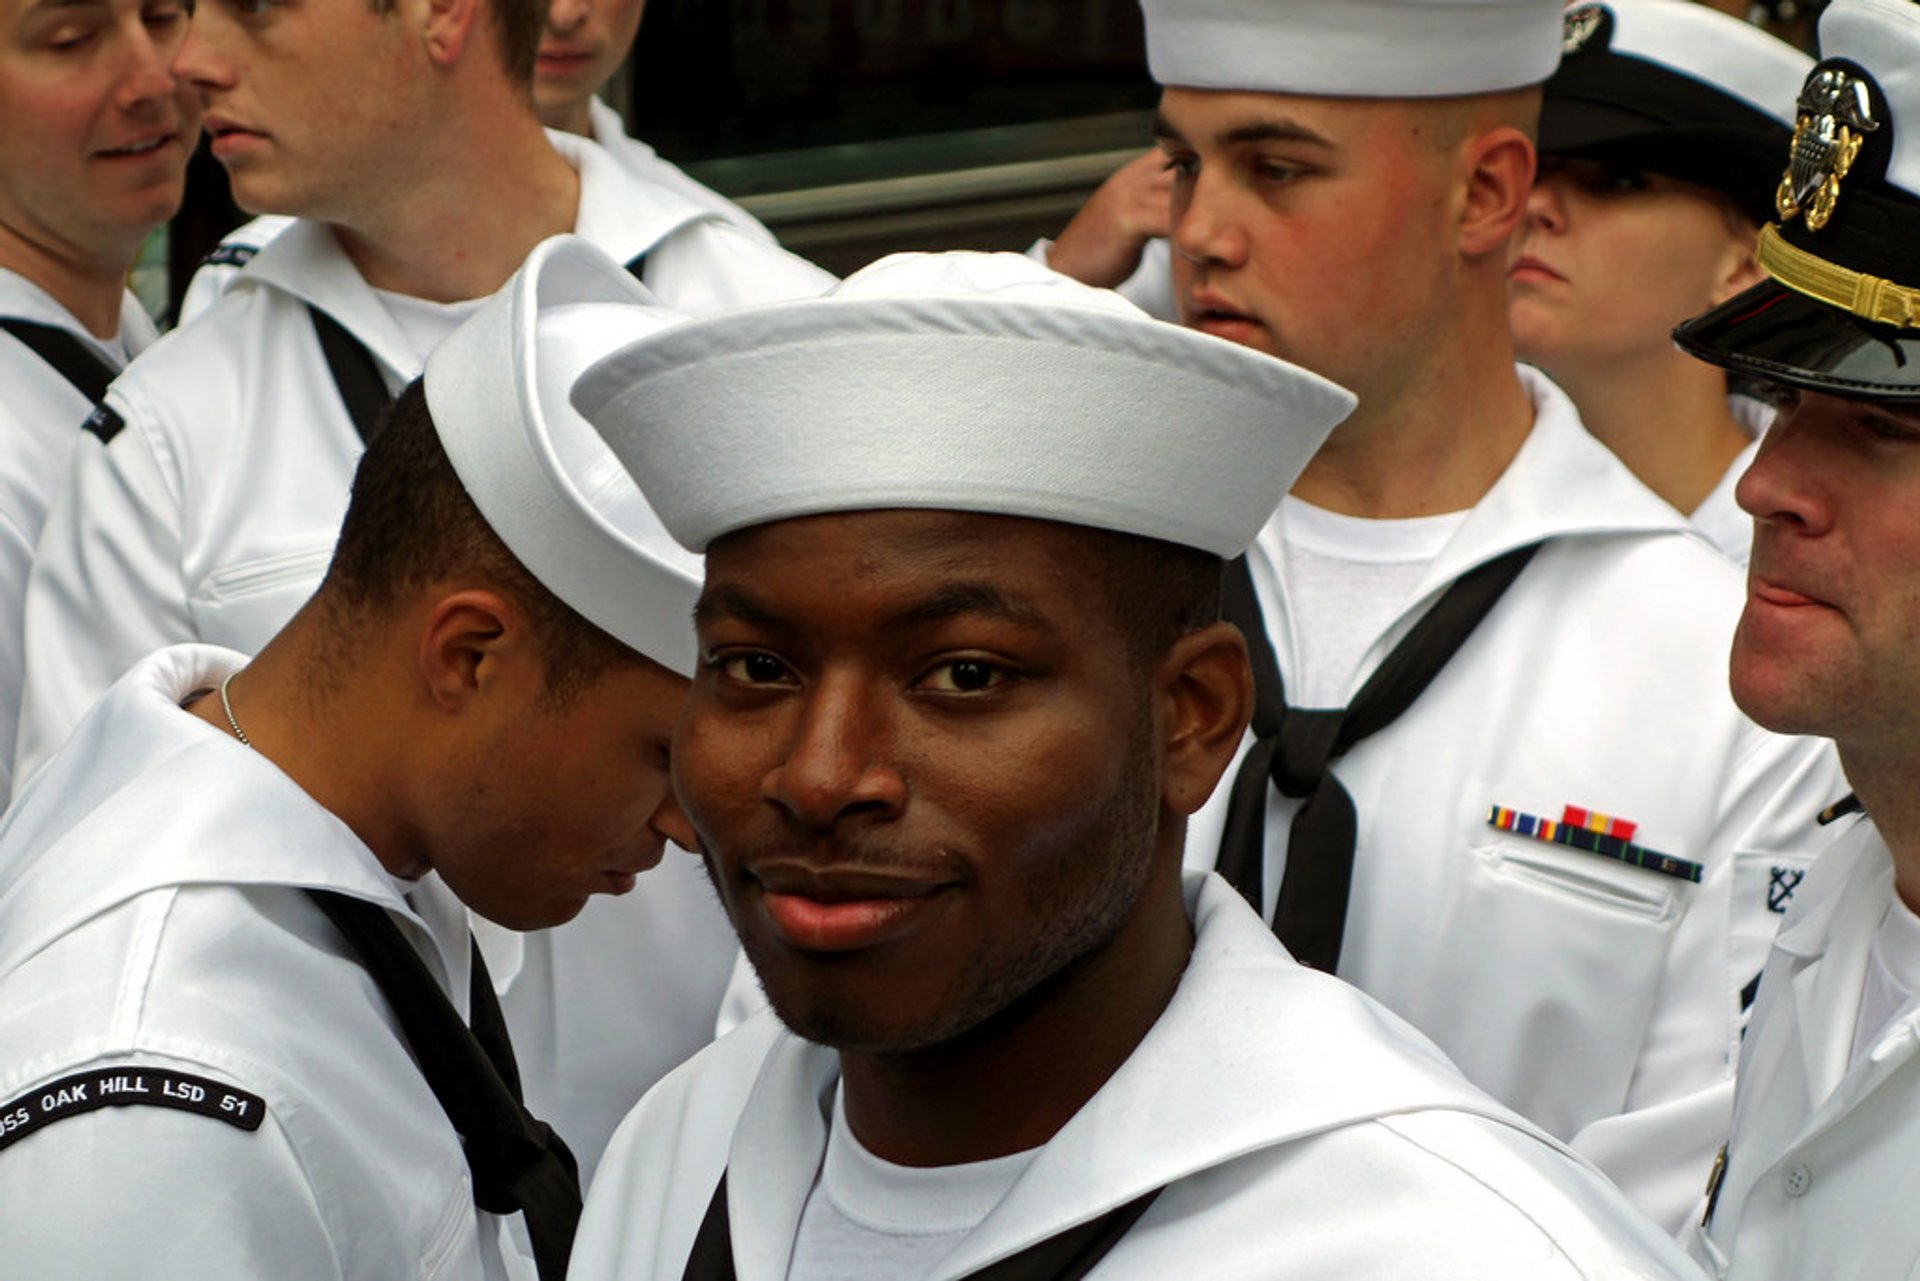 Th famous white uniform sailors 2020